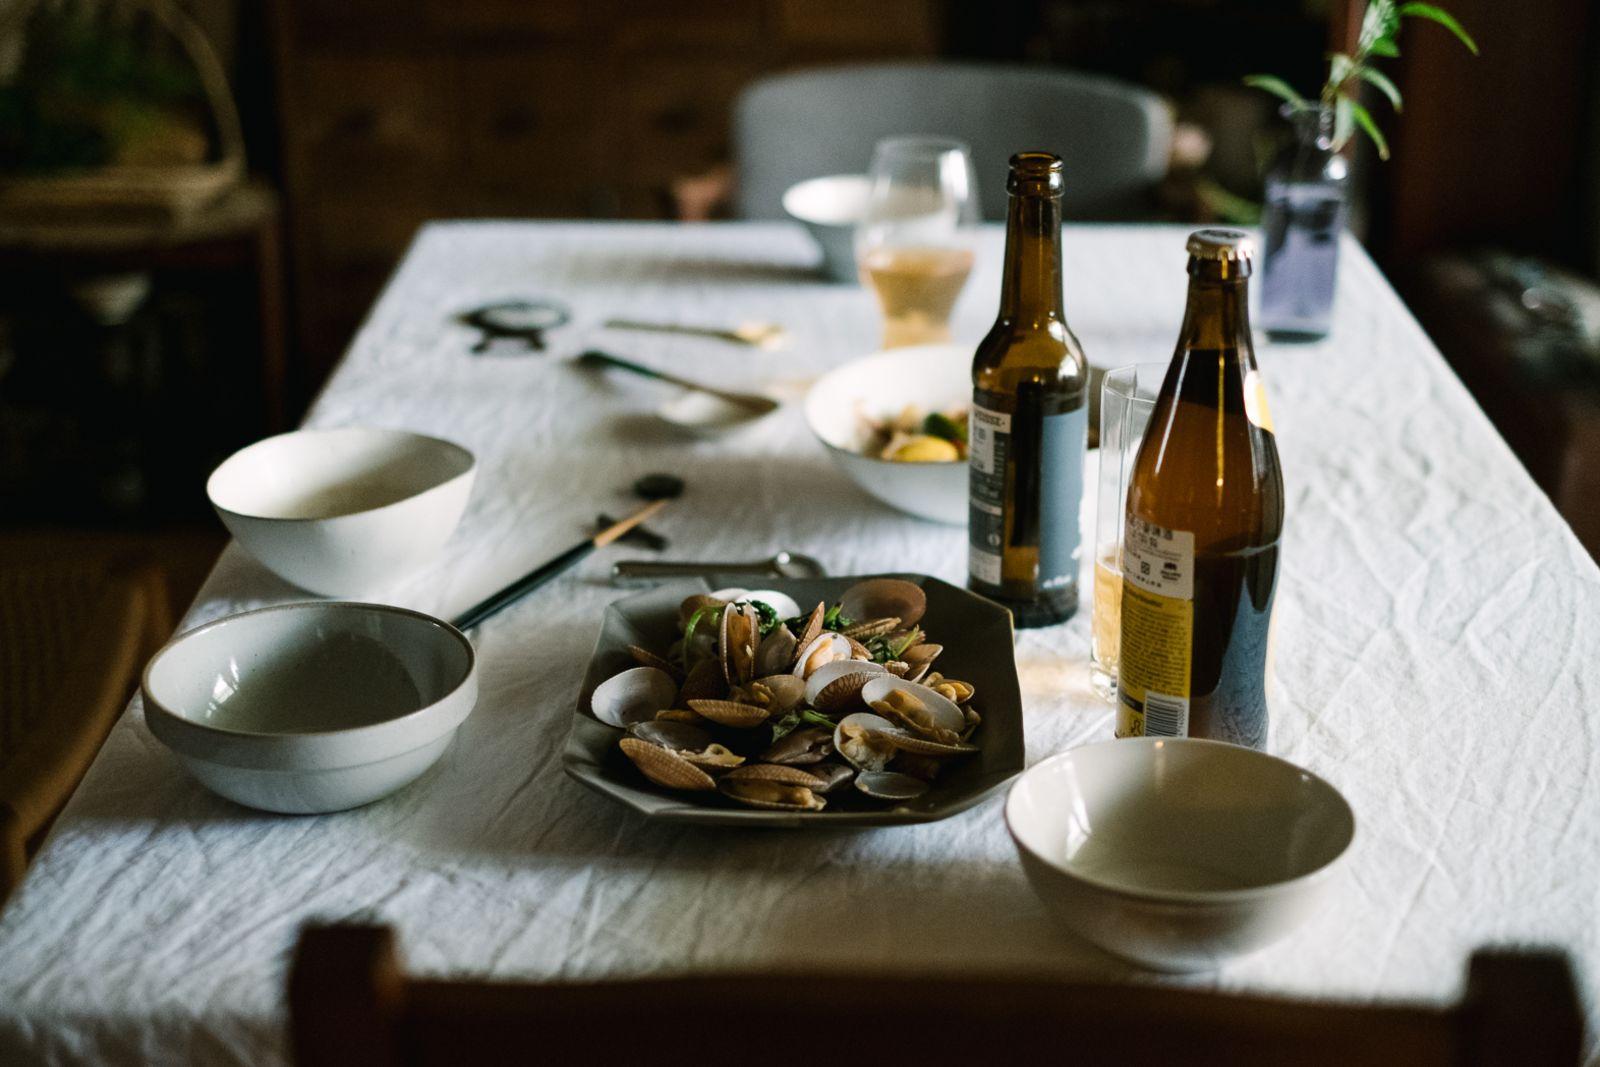 倒上兩瓶啤酒,配菜是九層塔炒海瓜子。